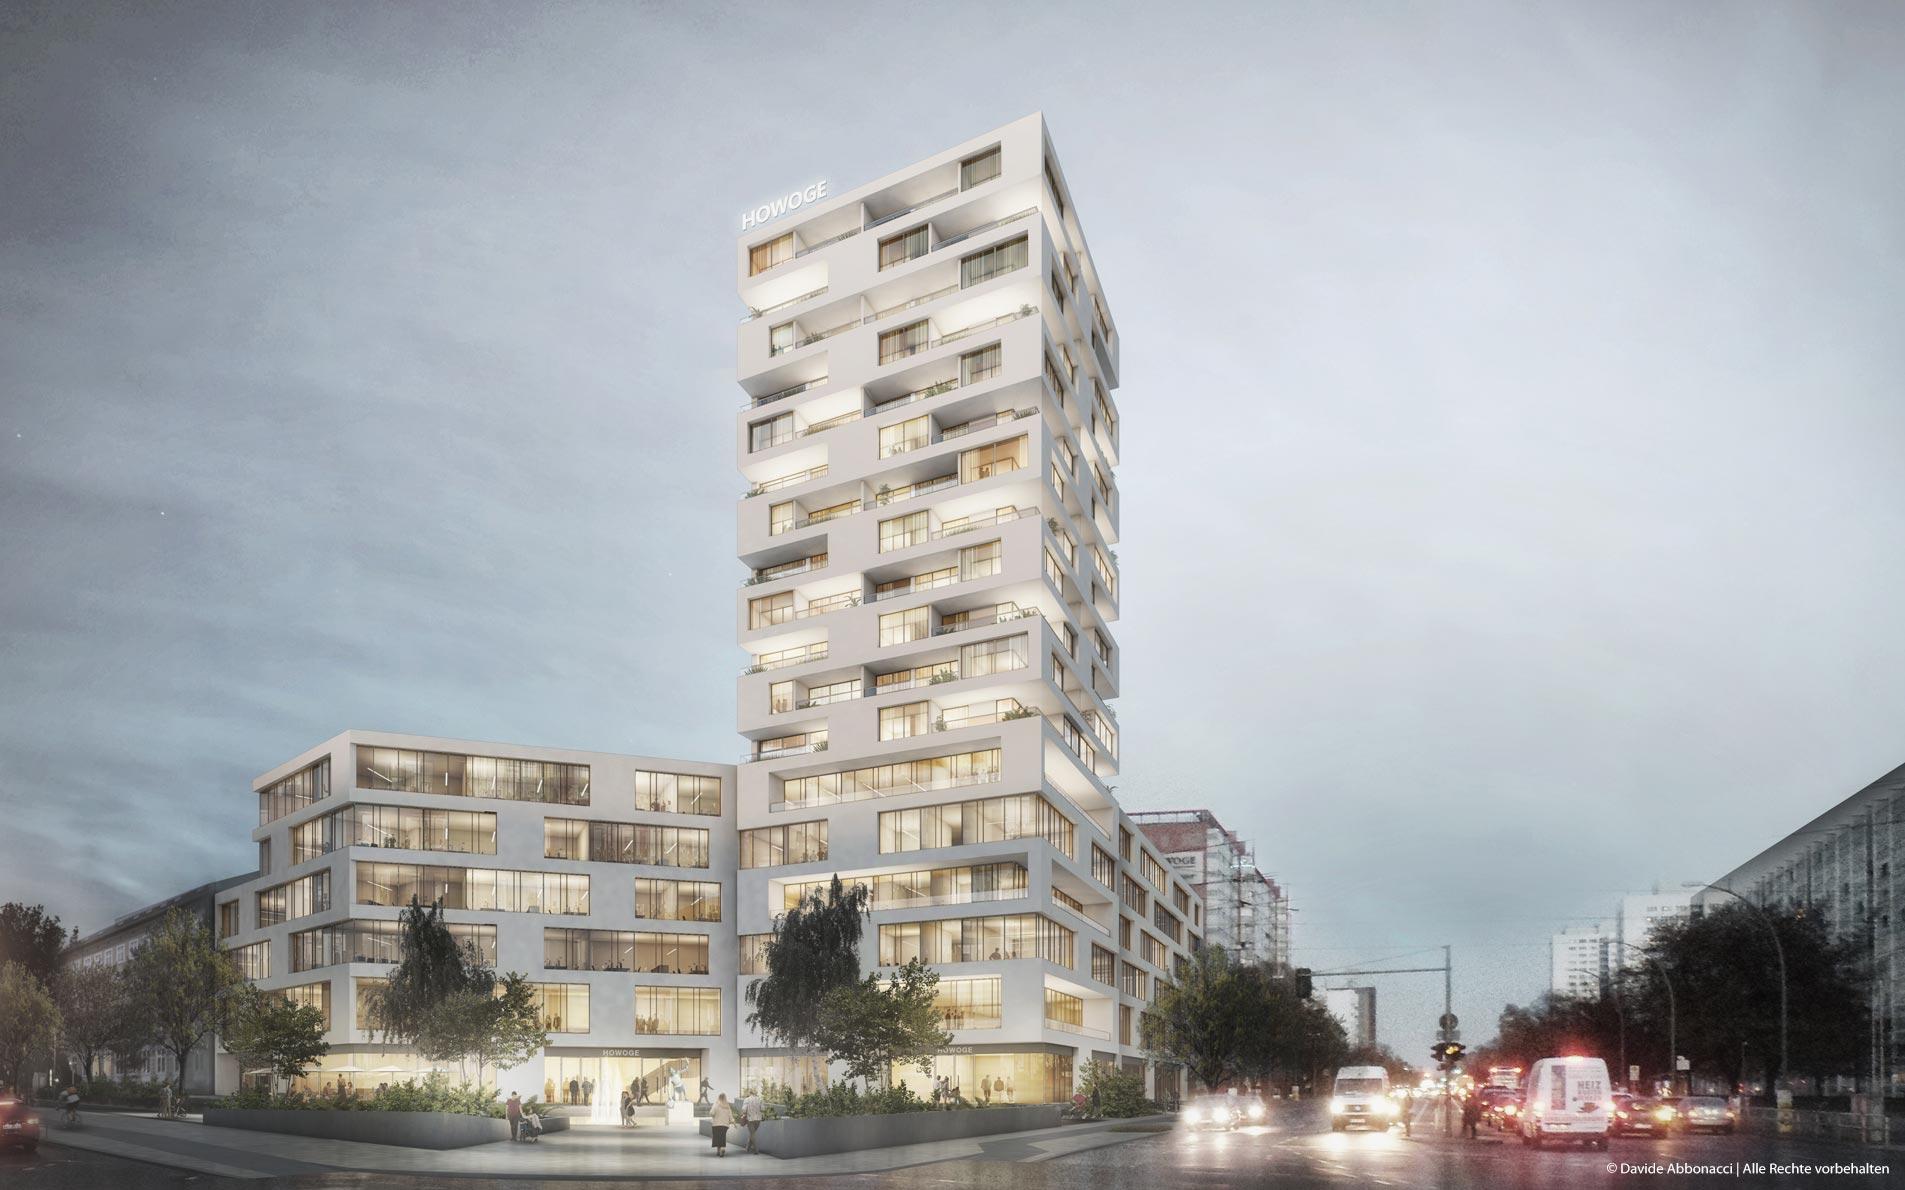 Frankfurter Allee 135, Berlin | Gewers Pudewill Architekten mit brh Architekten + Ingenieure | 2017 Wettbewerbsvisualisierung